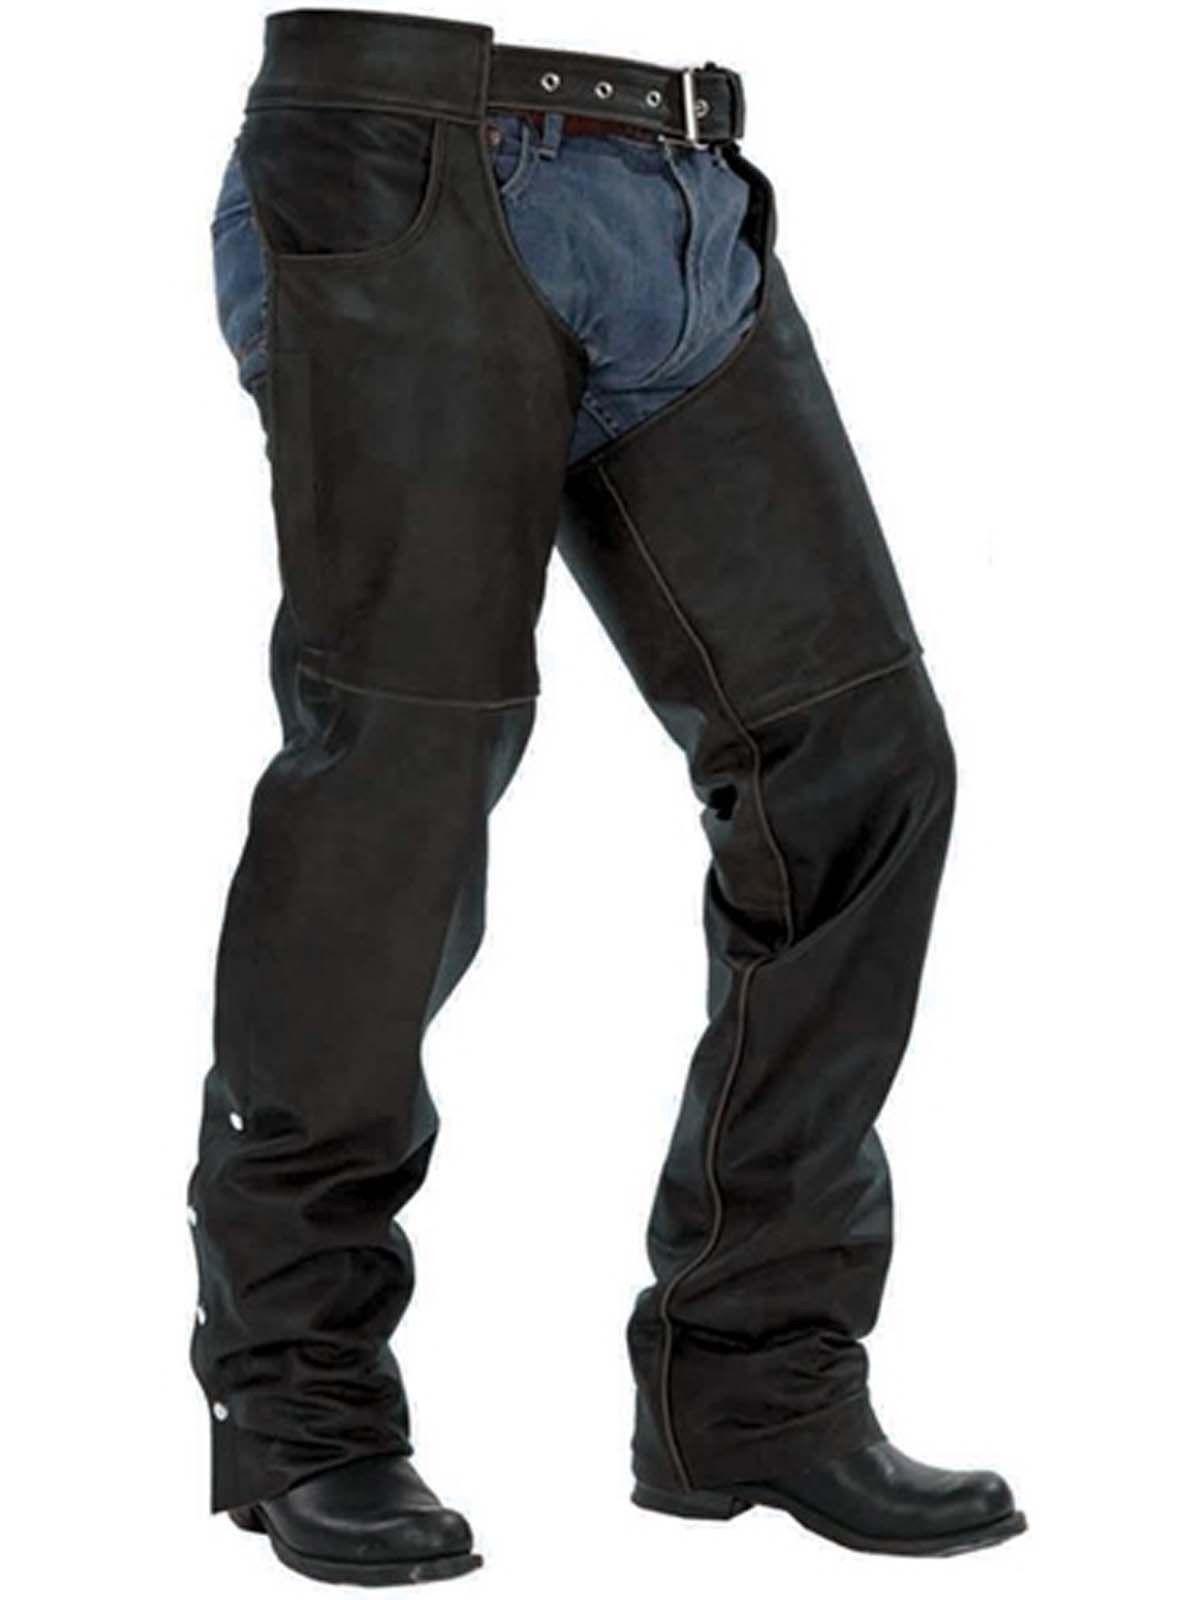 Unik Unisex Big Tall Jean Style Leather Motorcycle Chaps Big Tall Jeans Motorcycle Chaps Motorcycle Wear